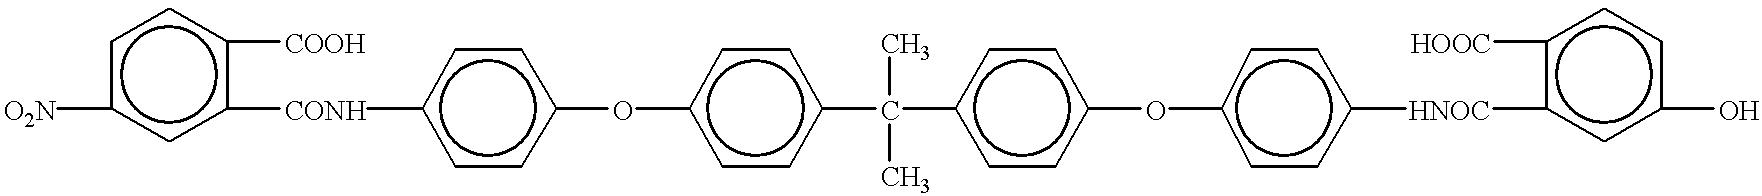 Figure US06180560-20010130-C00611